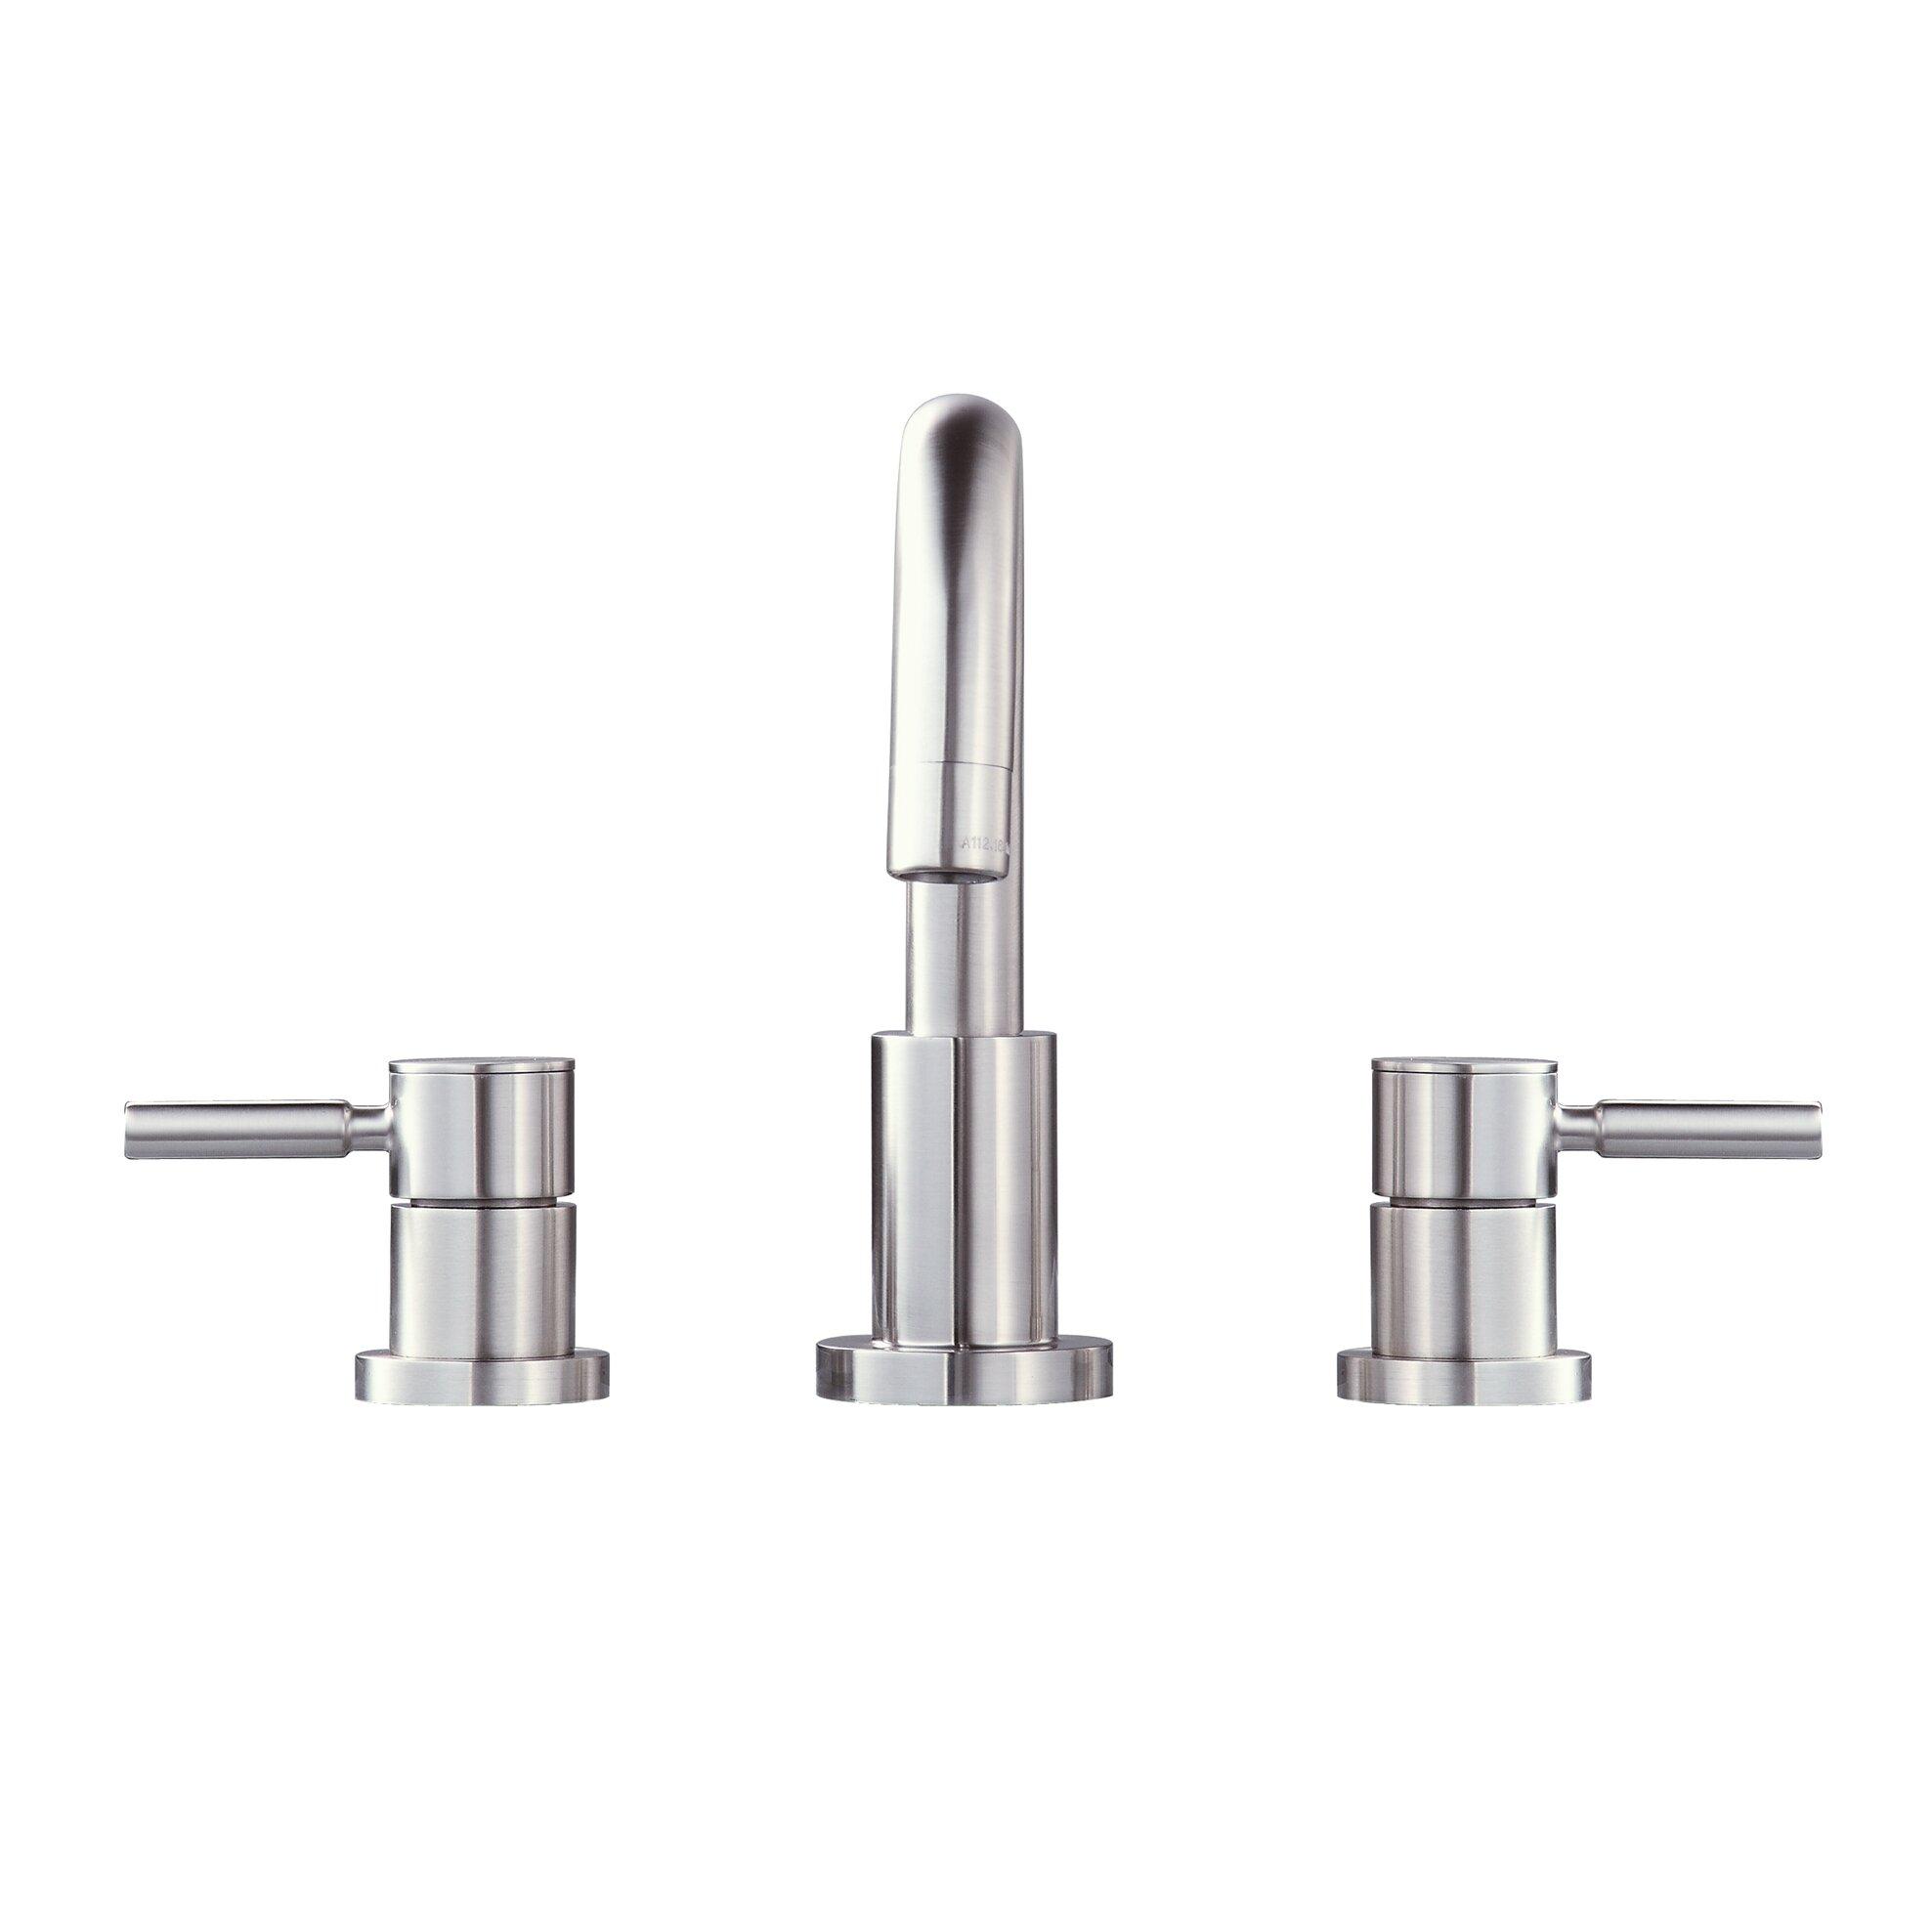 Avanity Positano Double Handle Bathroom Widespread Sink Faucet ...